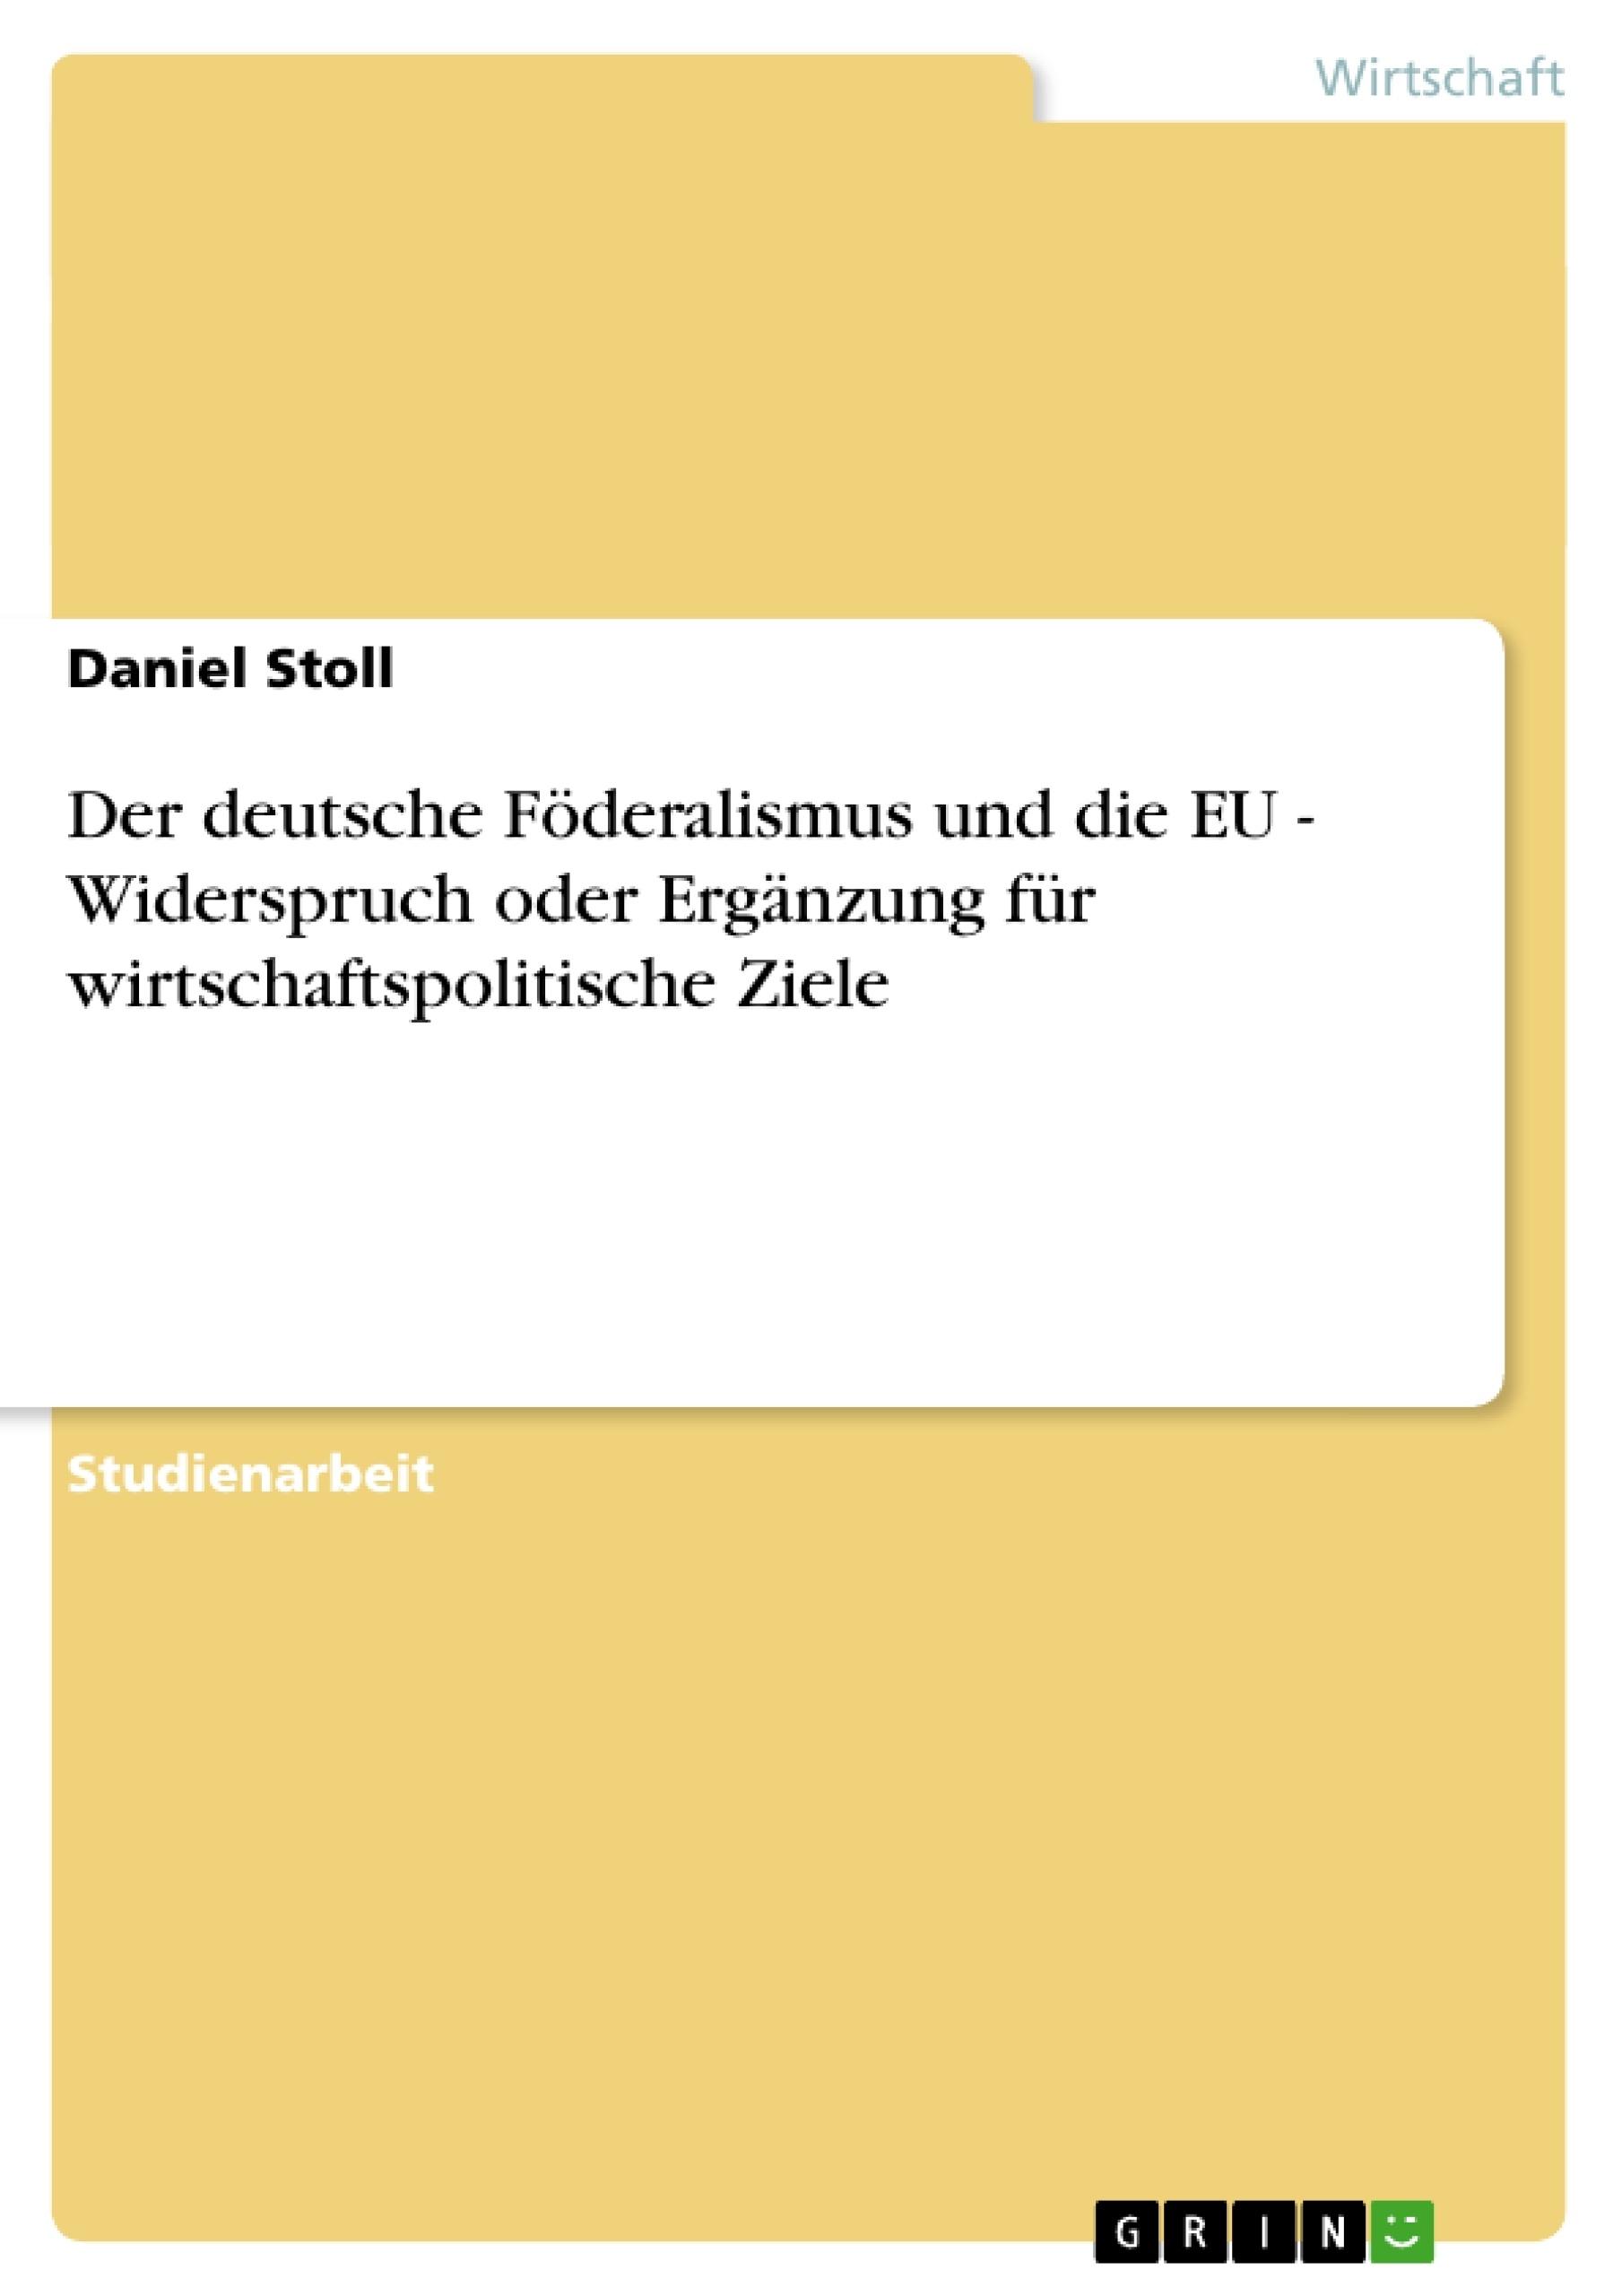 Titel: Der deutsche Föderalismus und die EU - Widerspruch oder Ergänzung für wirtschaftspolitische Ziele